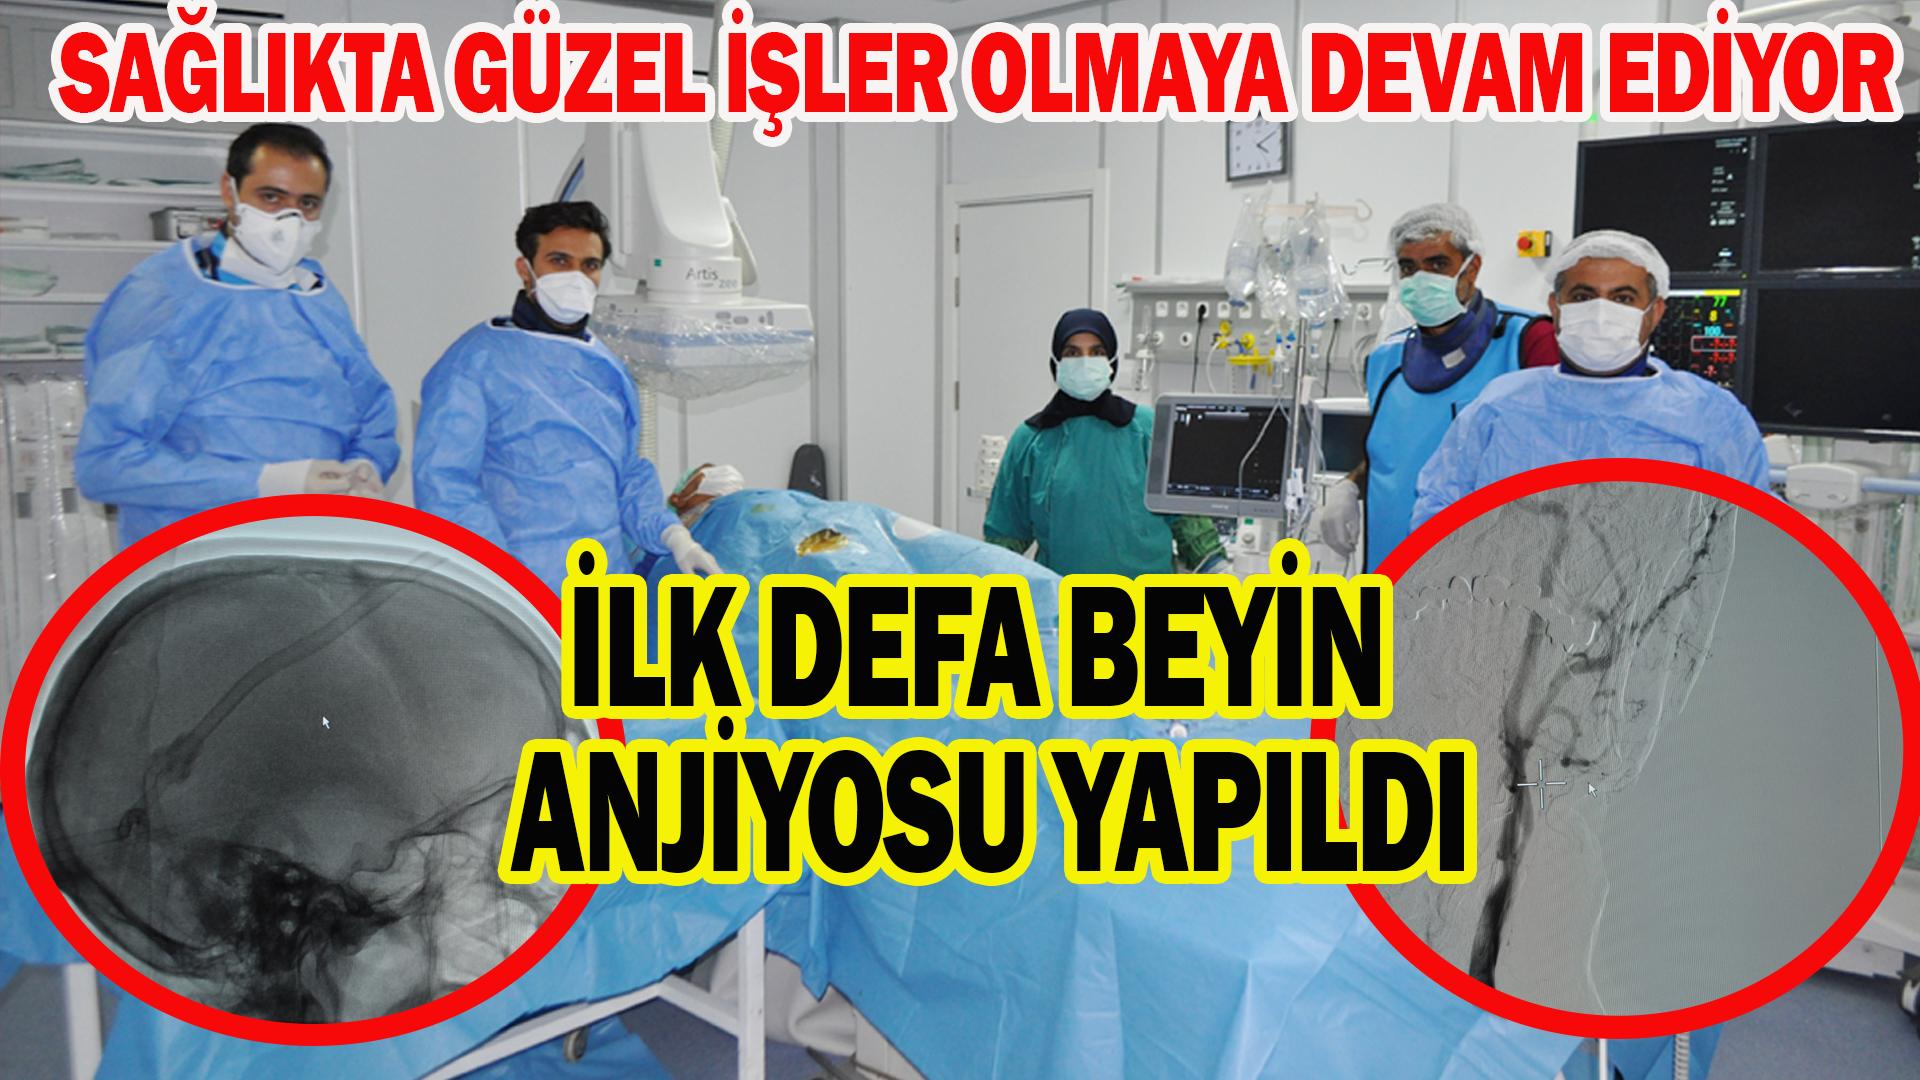 Kırşehir'de ilk beyin anjiyosu yapıldı